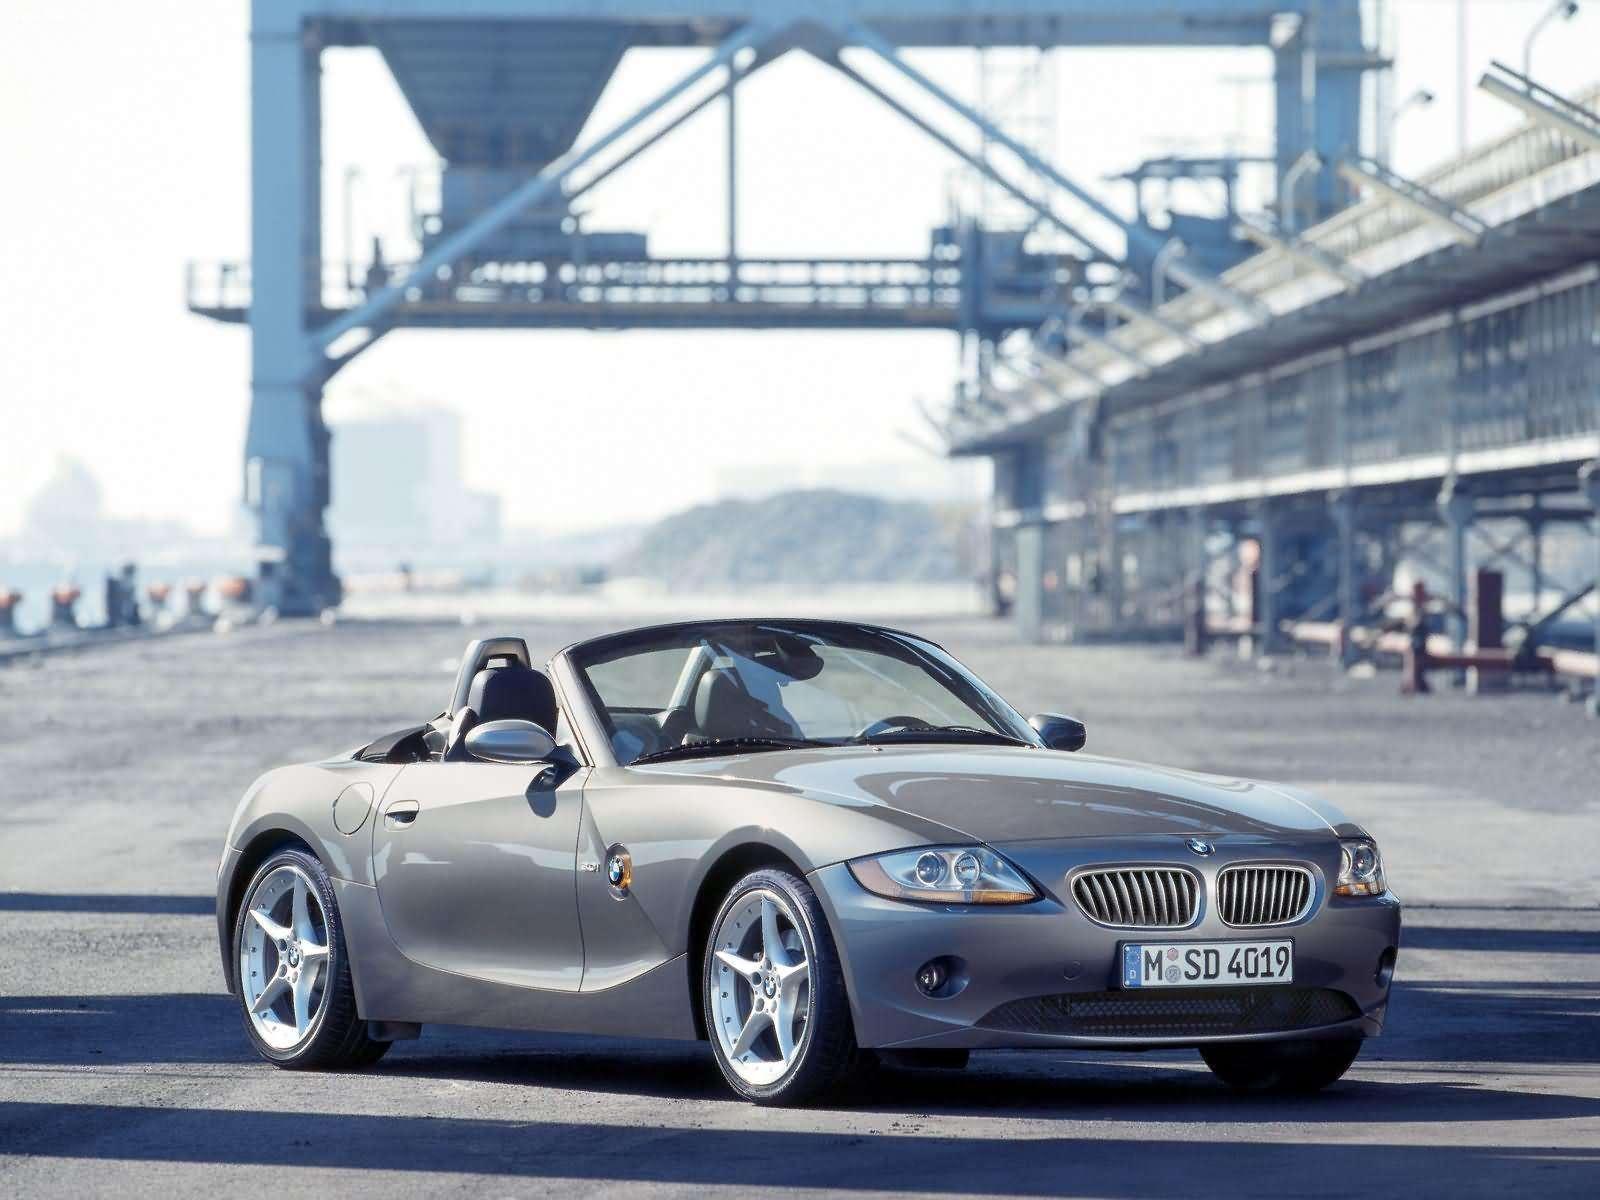 2003 Bmw Z4 Image 3